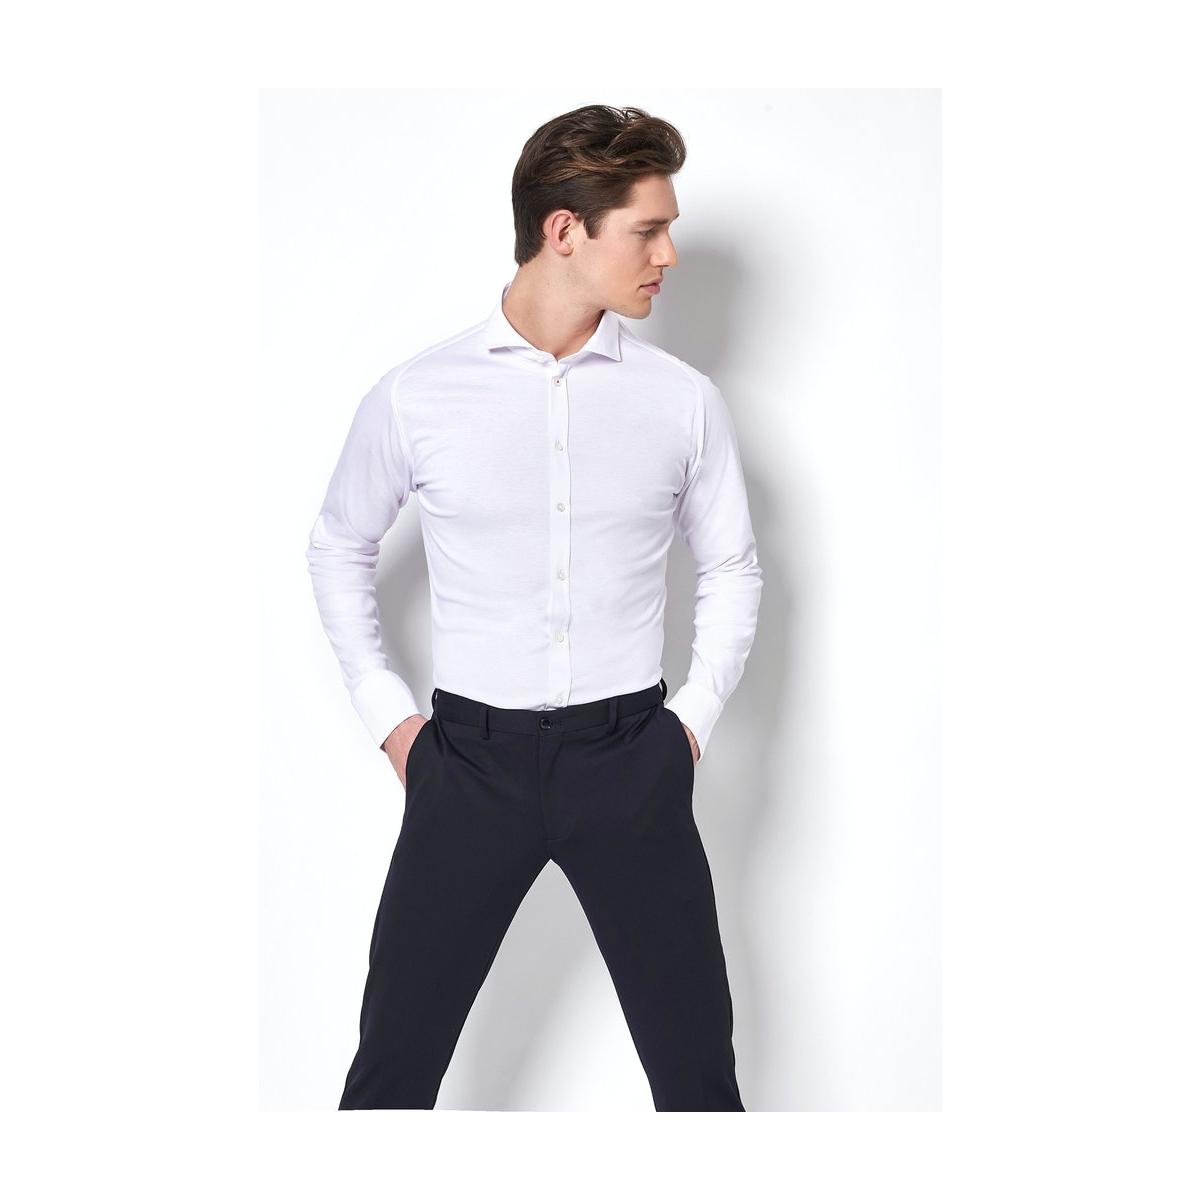 hai 21008 3 desoto overhemd 001 white uni